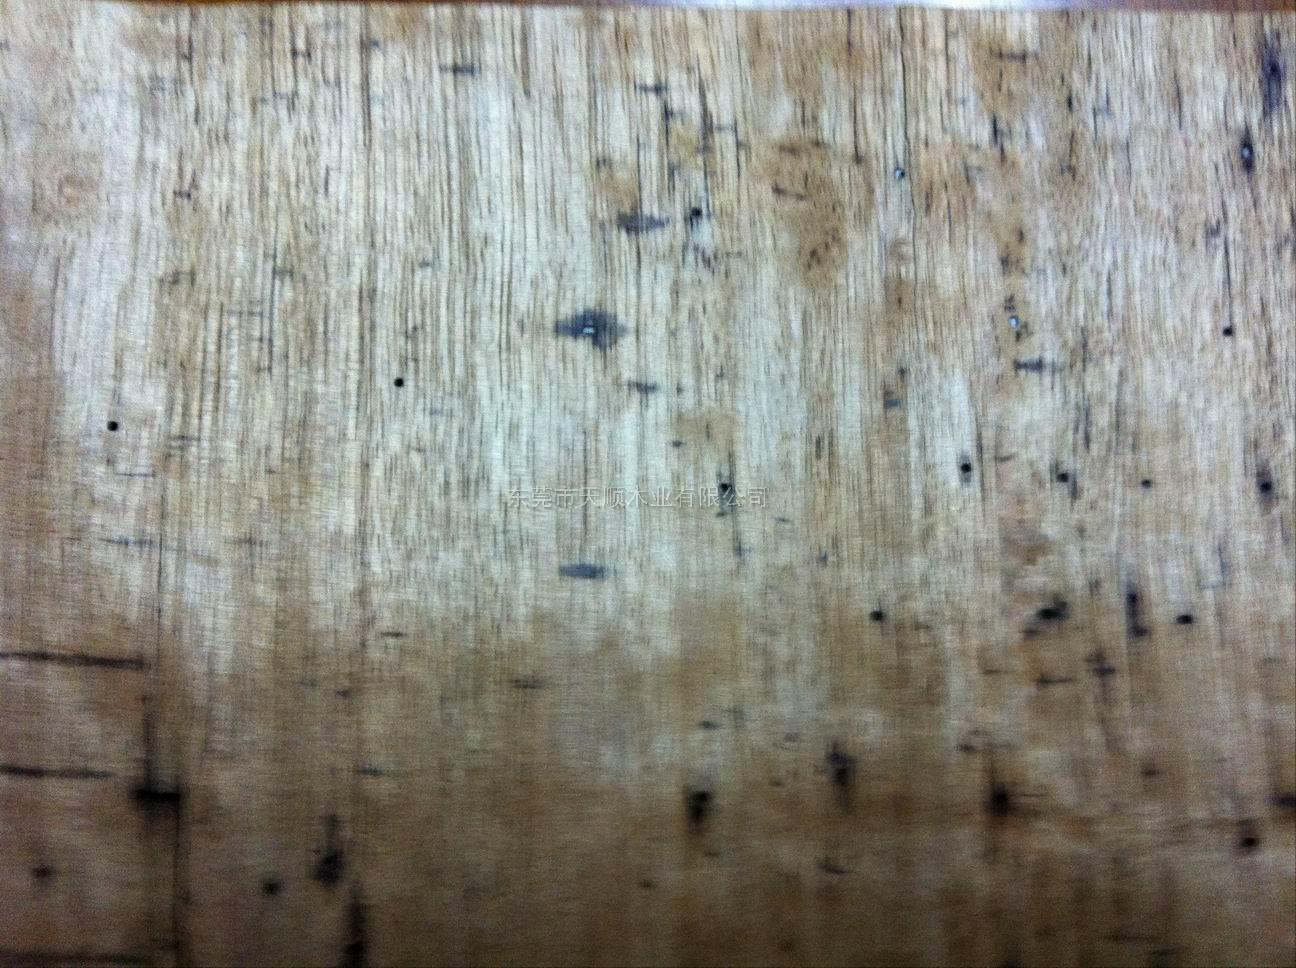 虫蛀木皮 虫蛀木 木皮